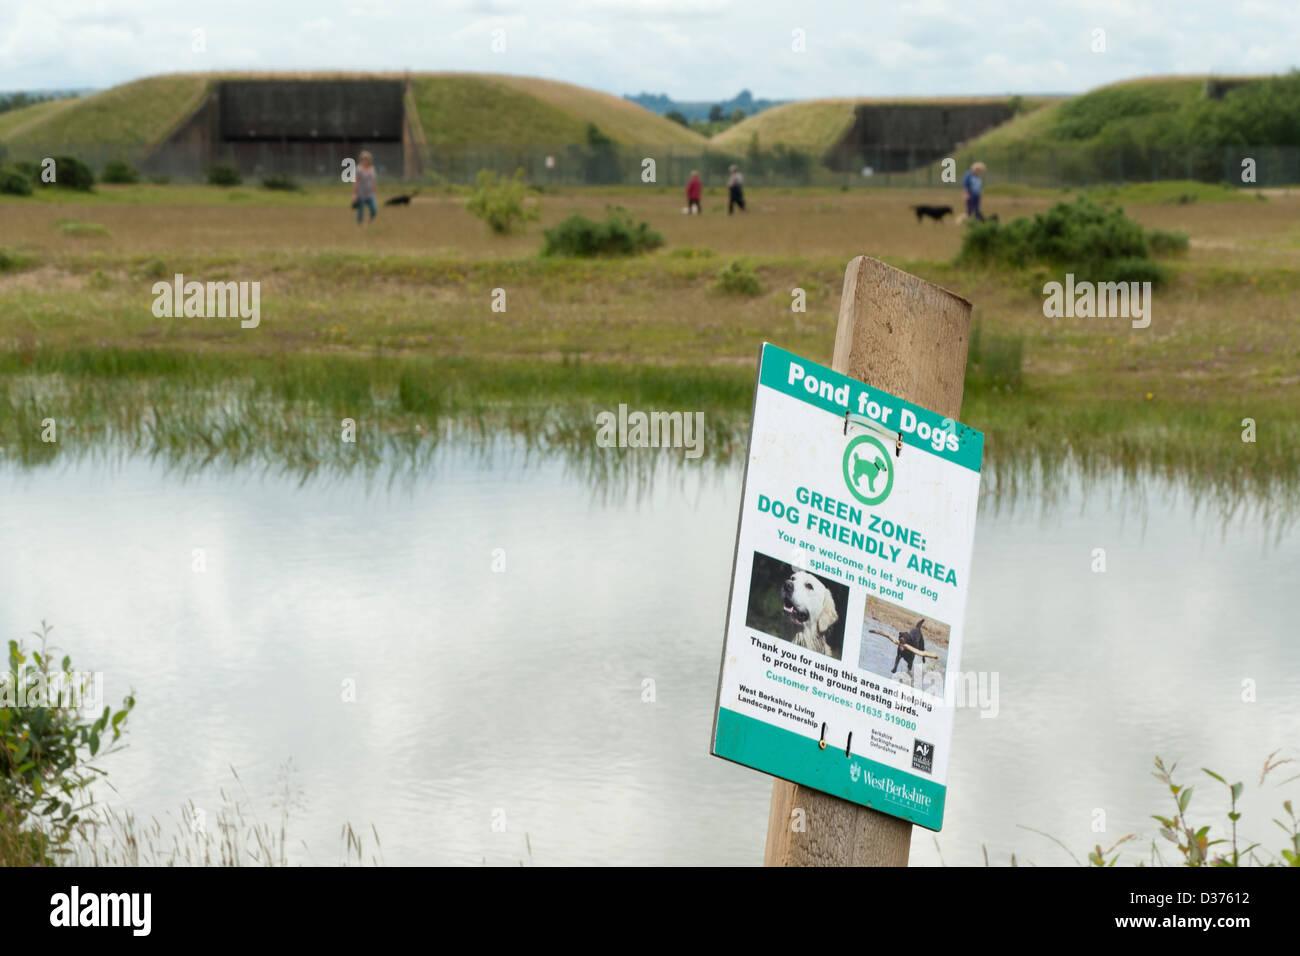 Umweltsanierung von Greenham Common: Teich für Hunde Zeichen; Hund silos im Hintergrund, Wanderer und alte Stockbild